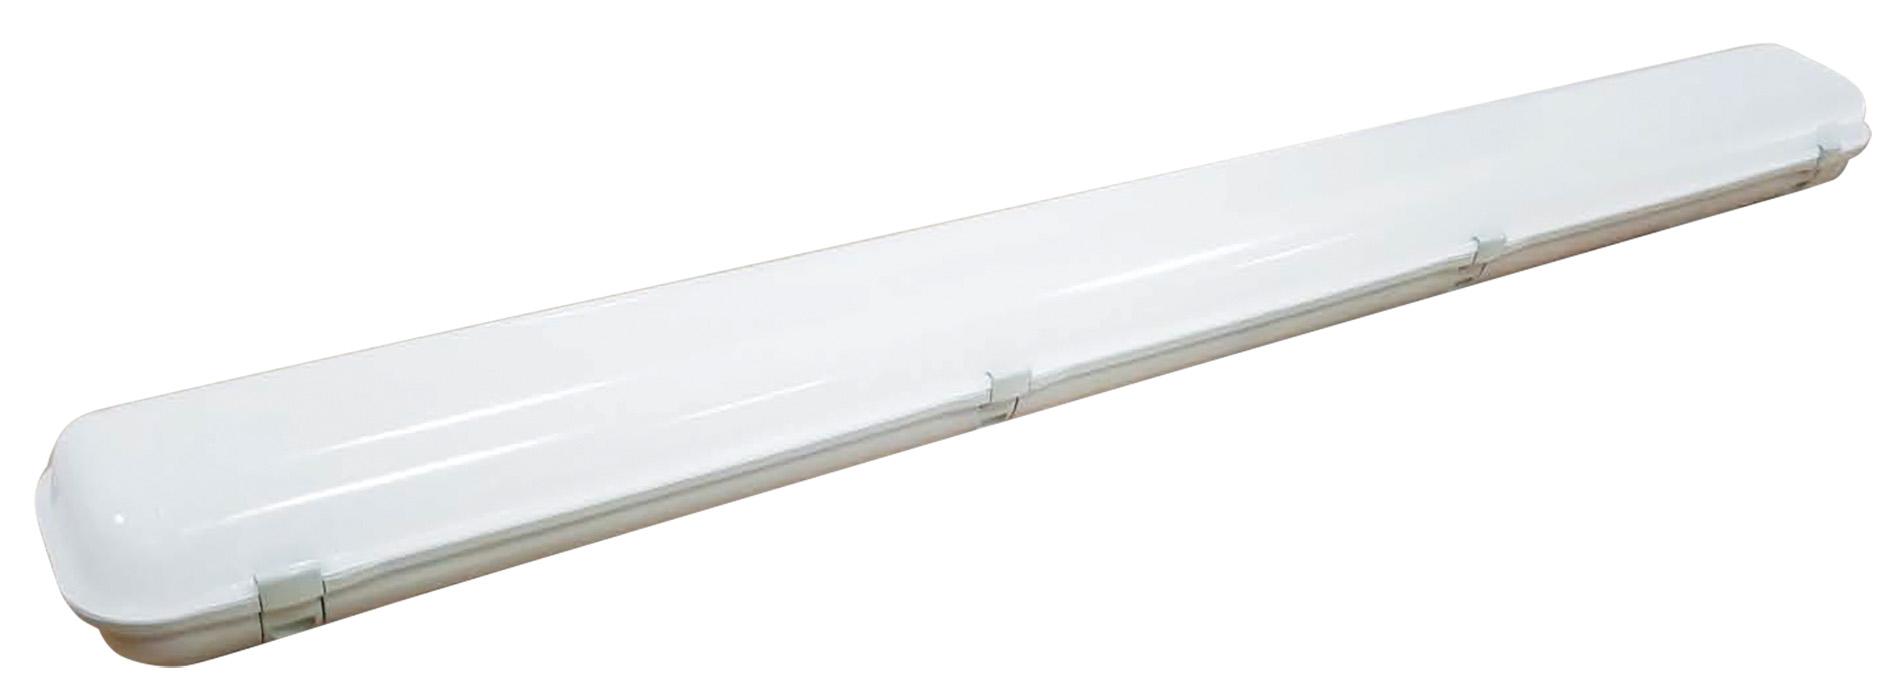 ORR136-1274S 18.5W LED Batten Light